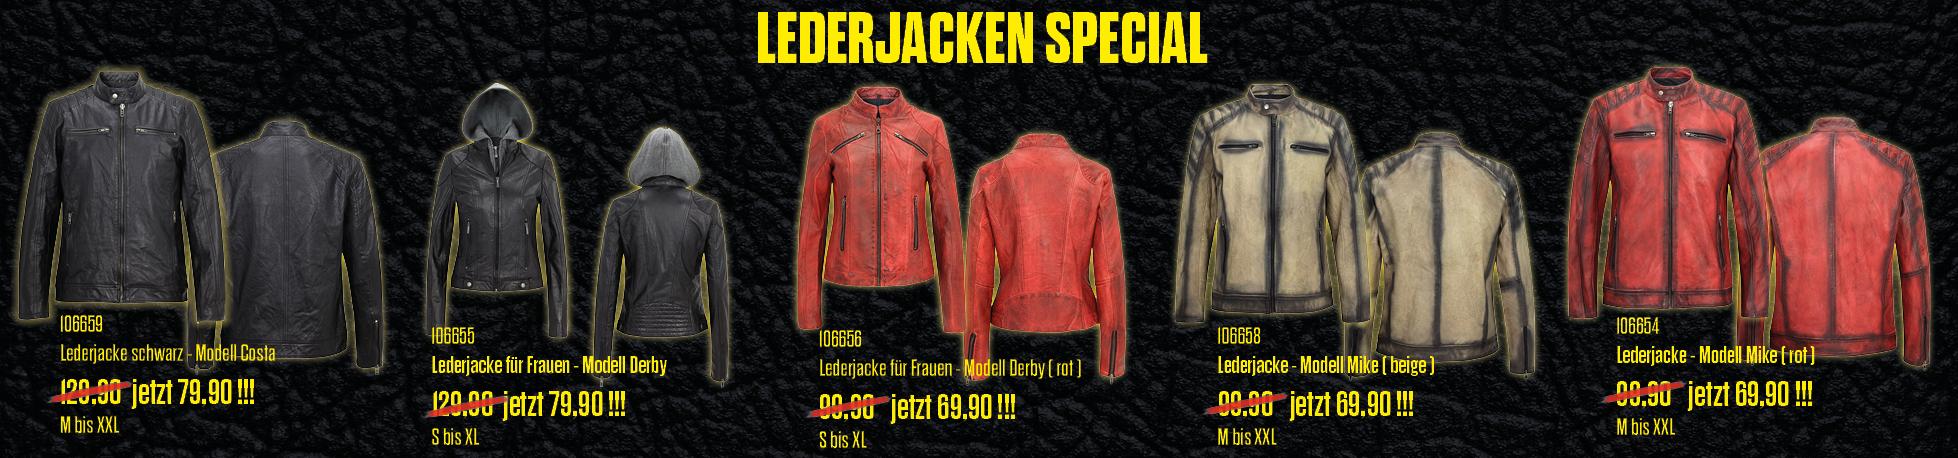 Lederjacken Special